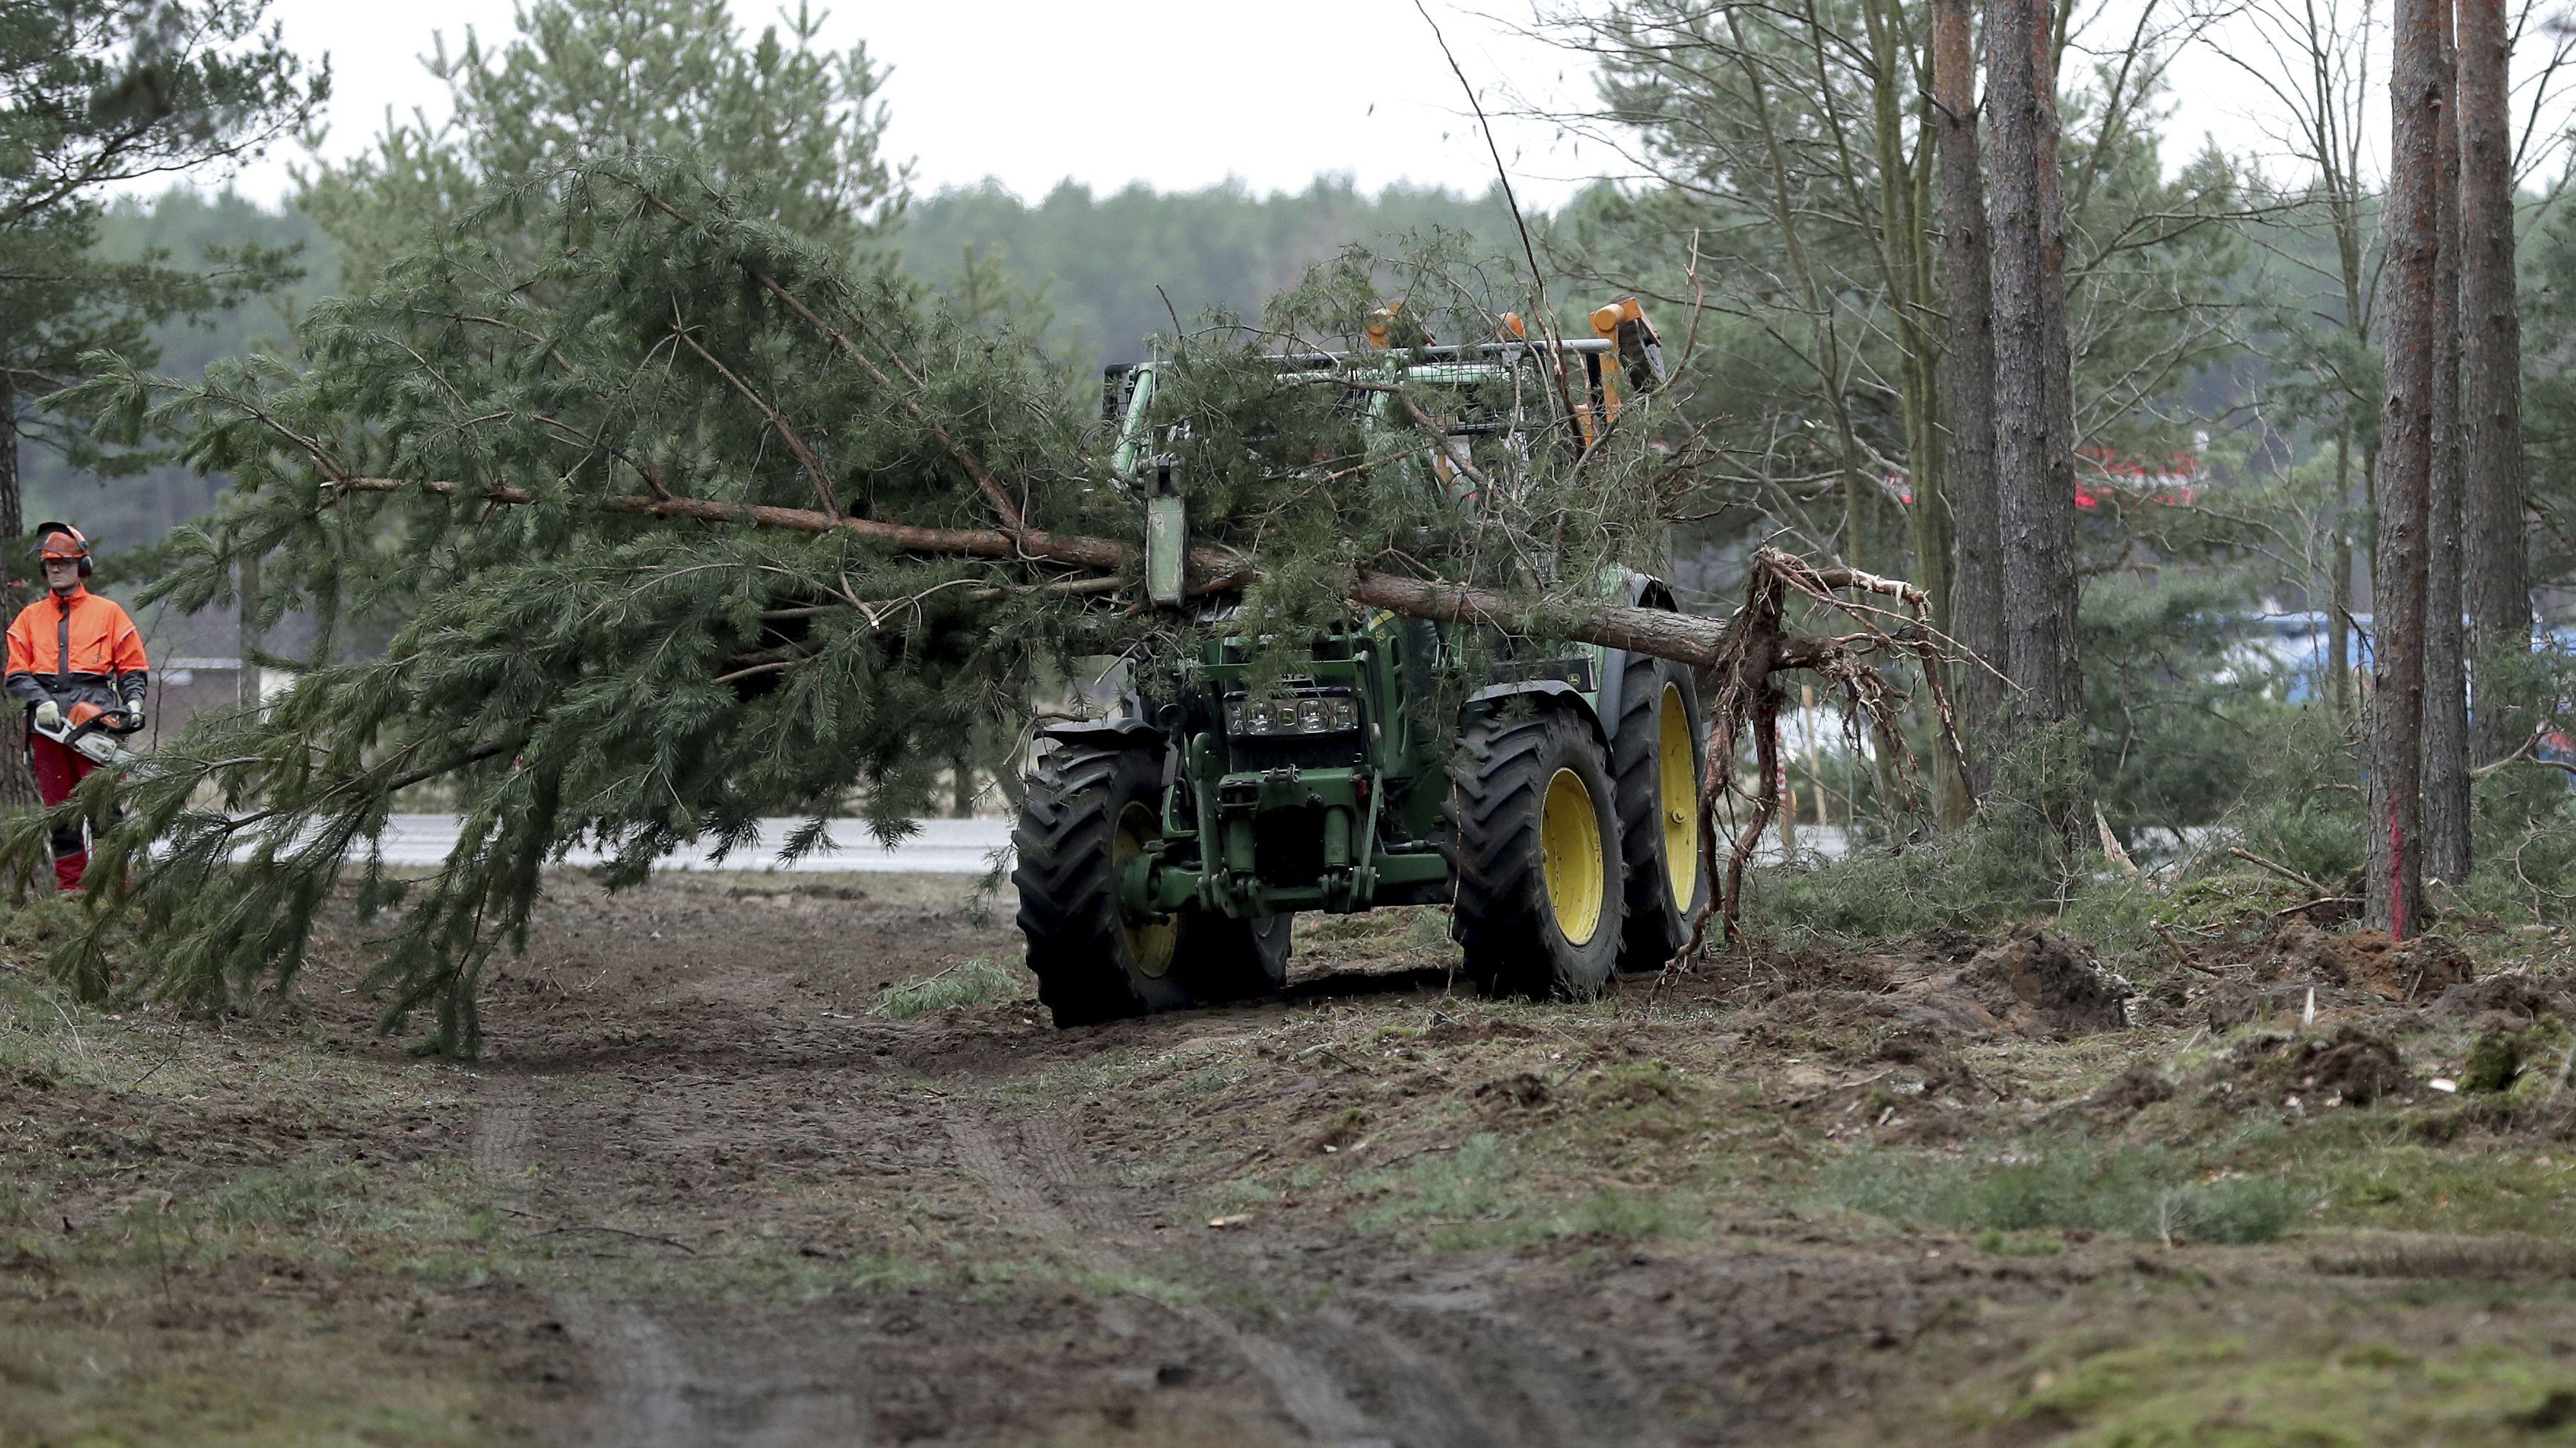 Ein Traktor transportiert gefällte Bäume auf einem Waldweg zwischen Bäumen.